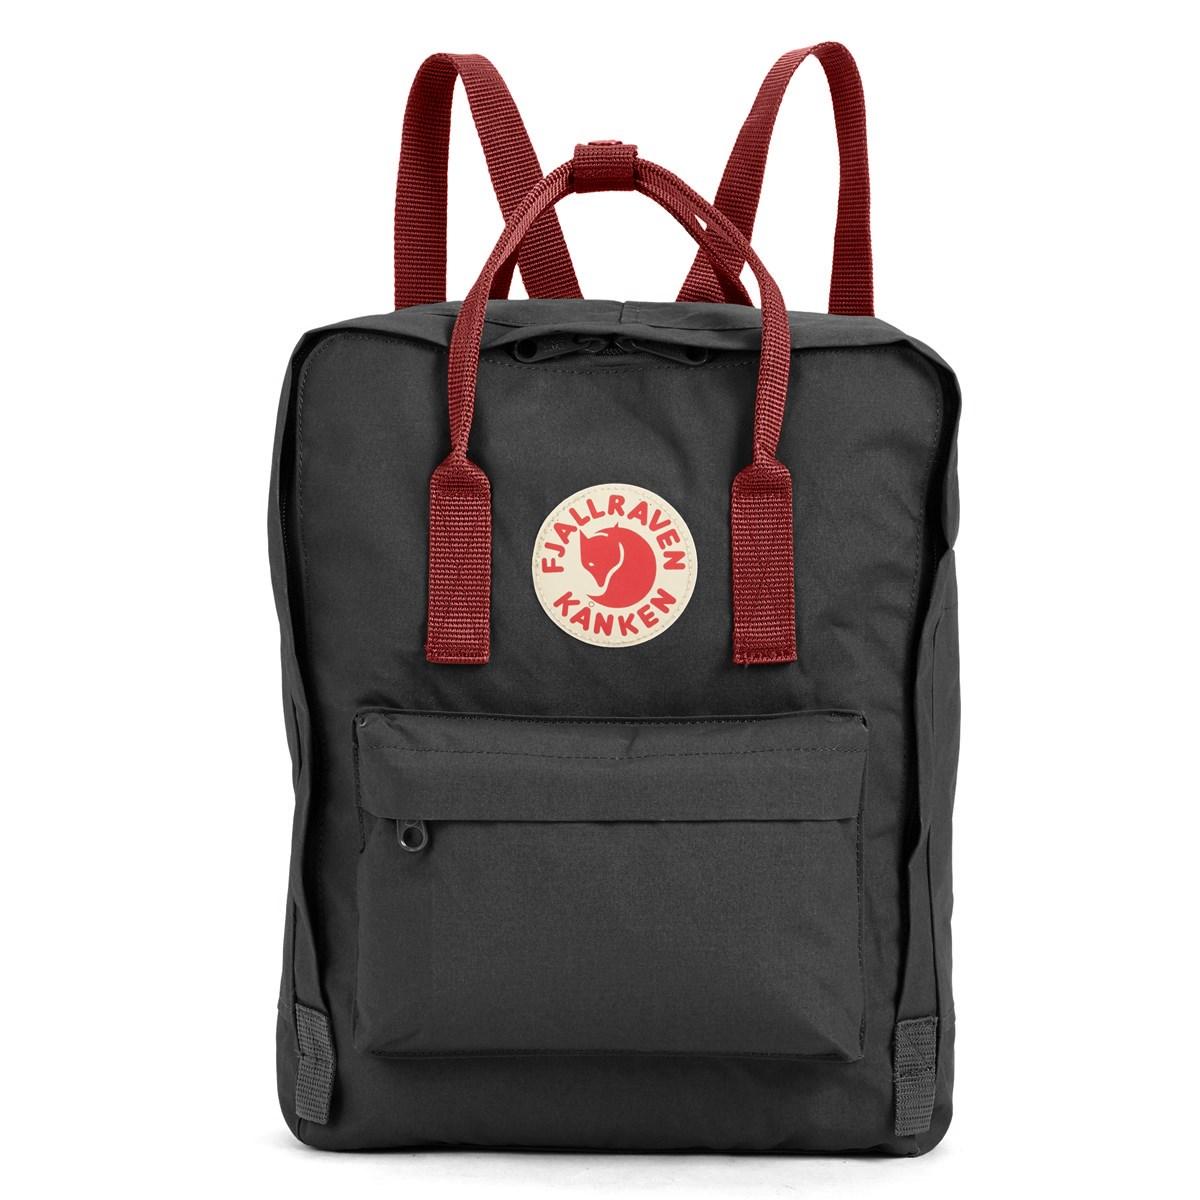 Kanken Backpack in Black